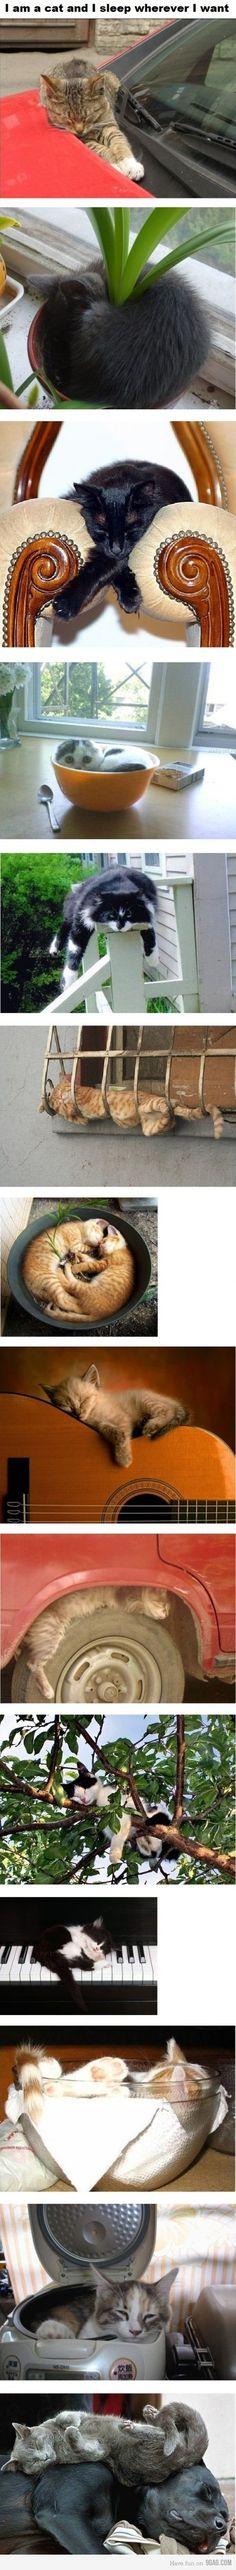 I am a cat and I sleep wherever I want.